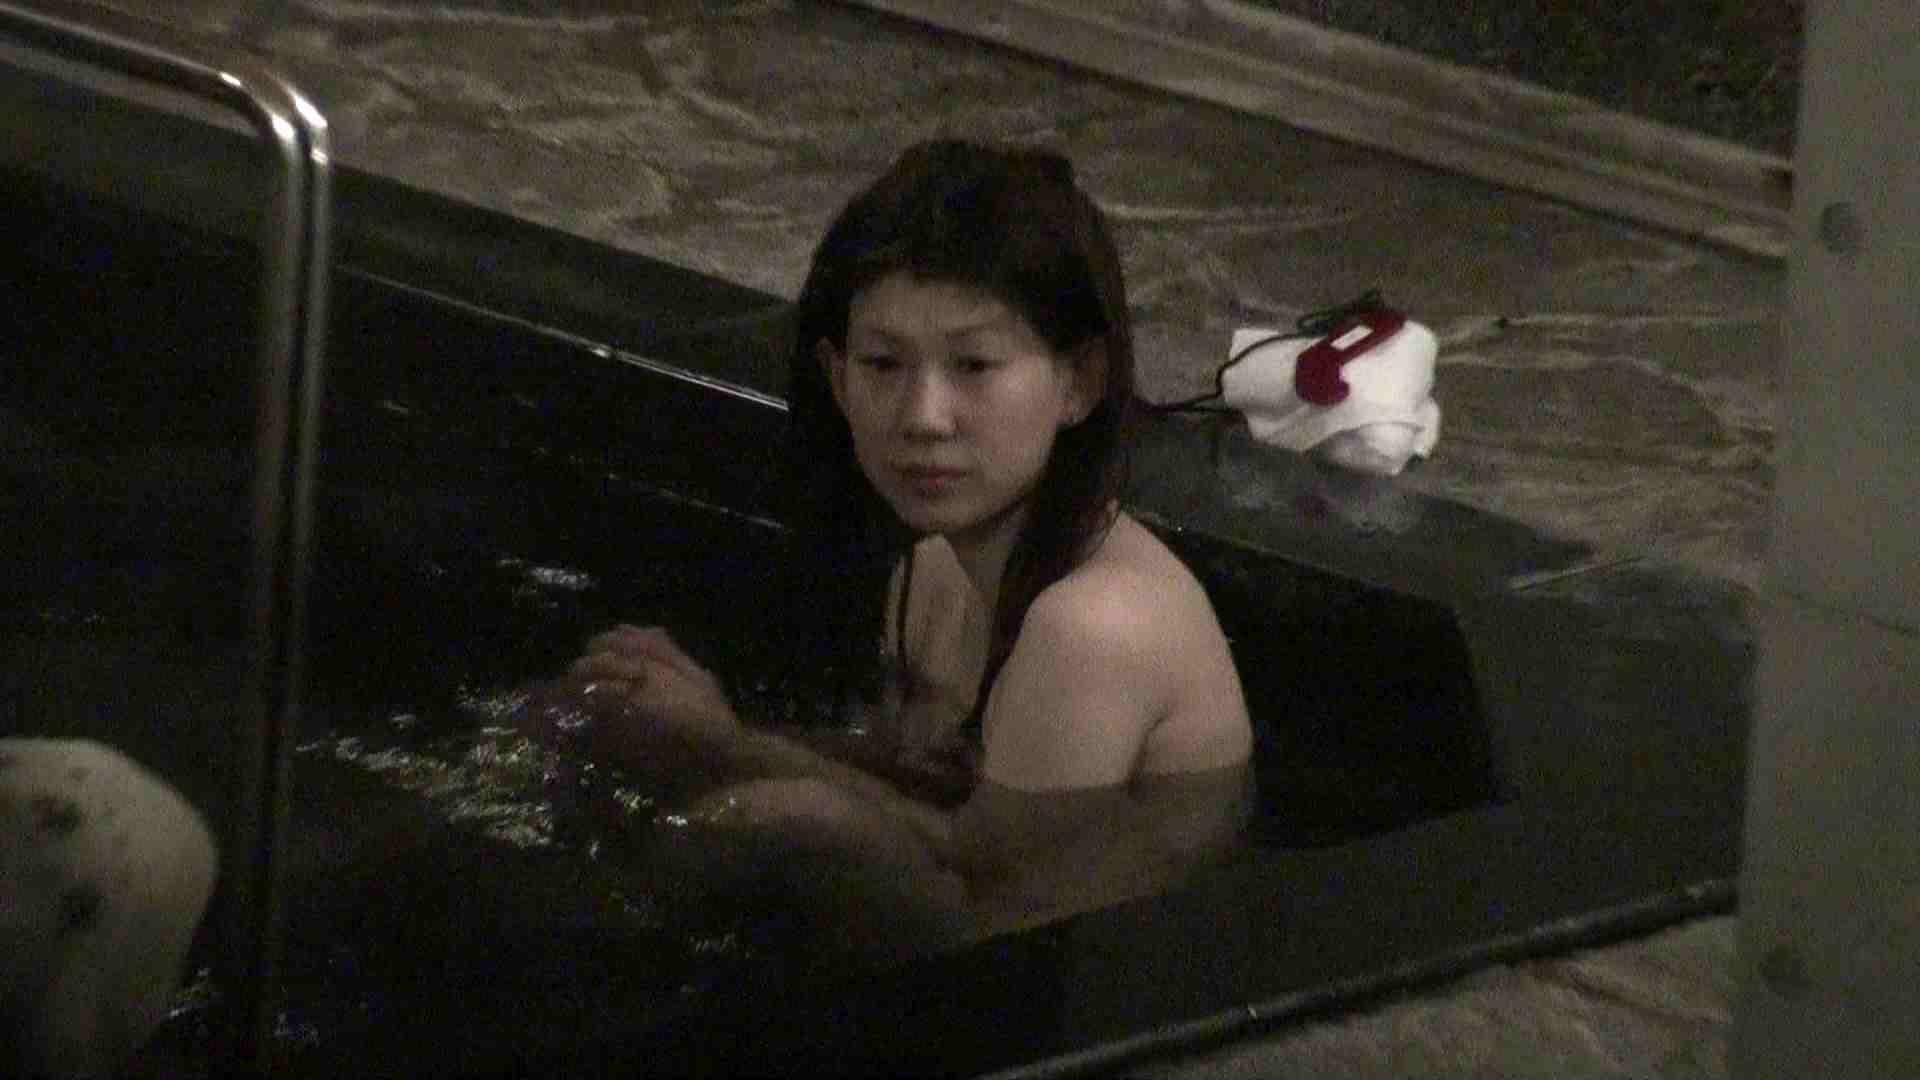 Aquaな露天風呂Vol.371 盗撮 | 綺麗なOLたち  94枚 70